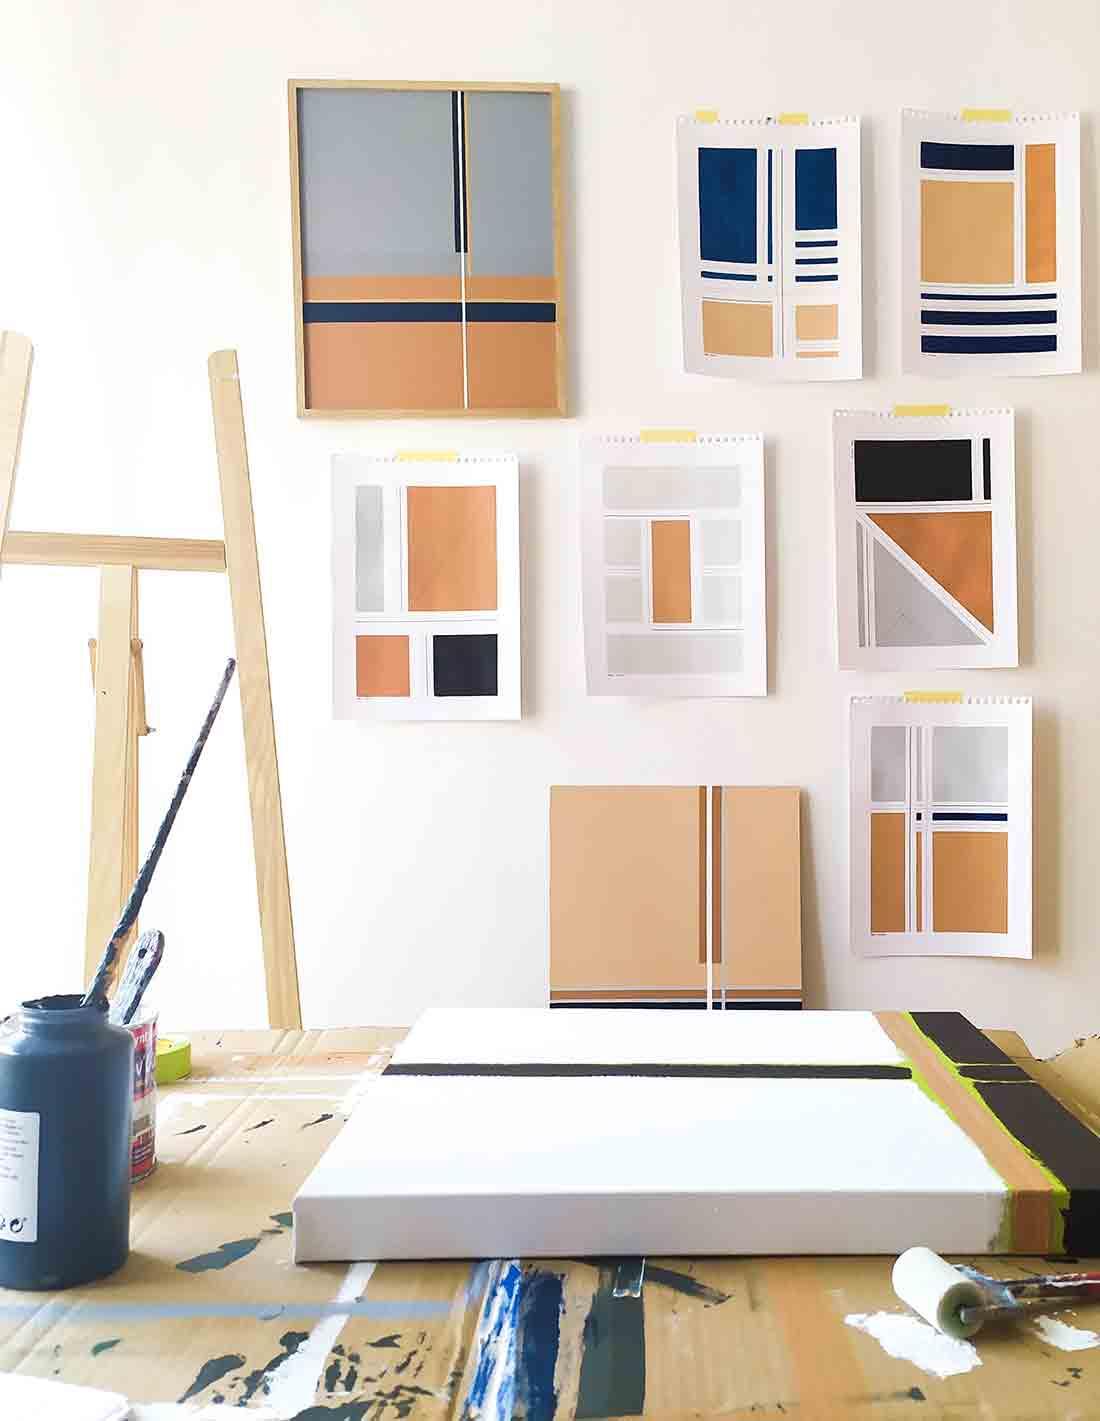 Marie Amedro - Oeuvre sur papier - Intersection sur papier n°5